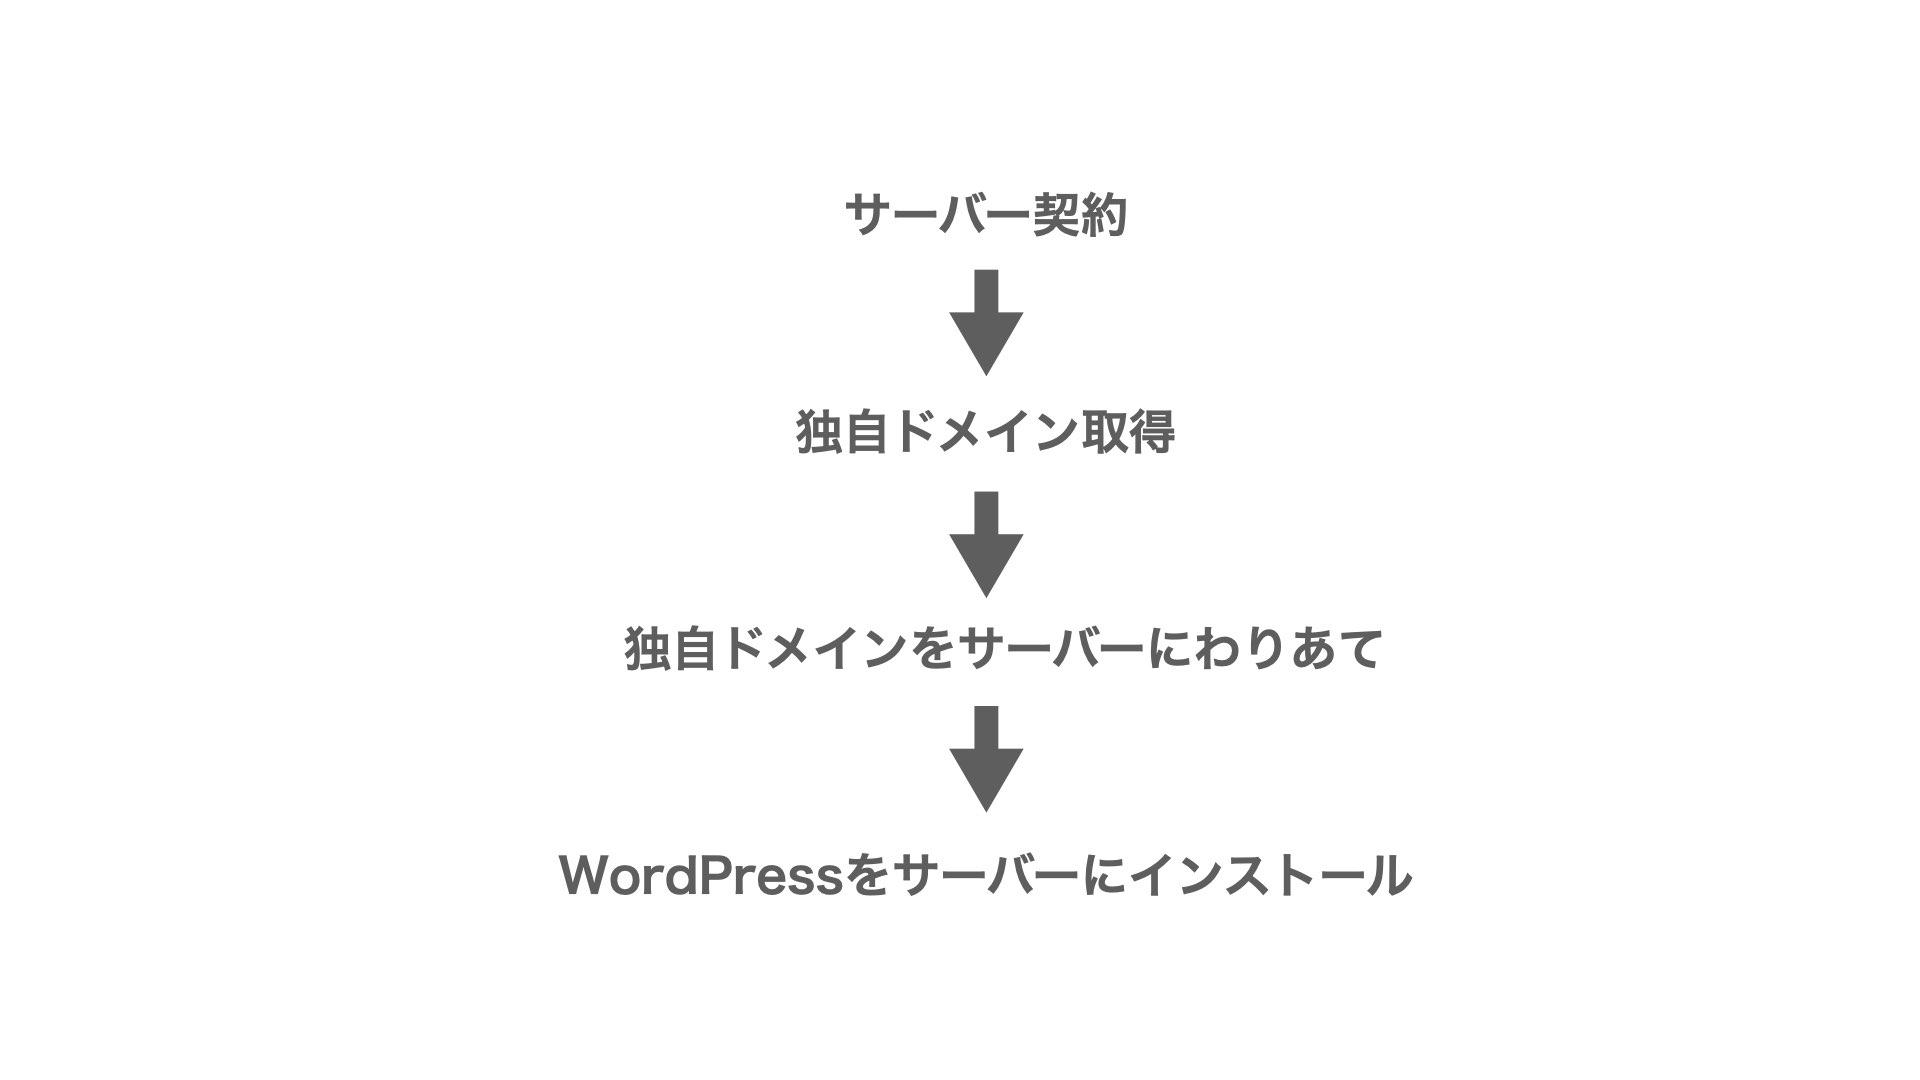 WordPressインストールの流れ.001